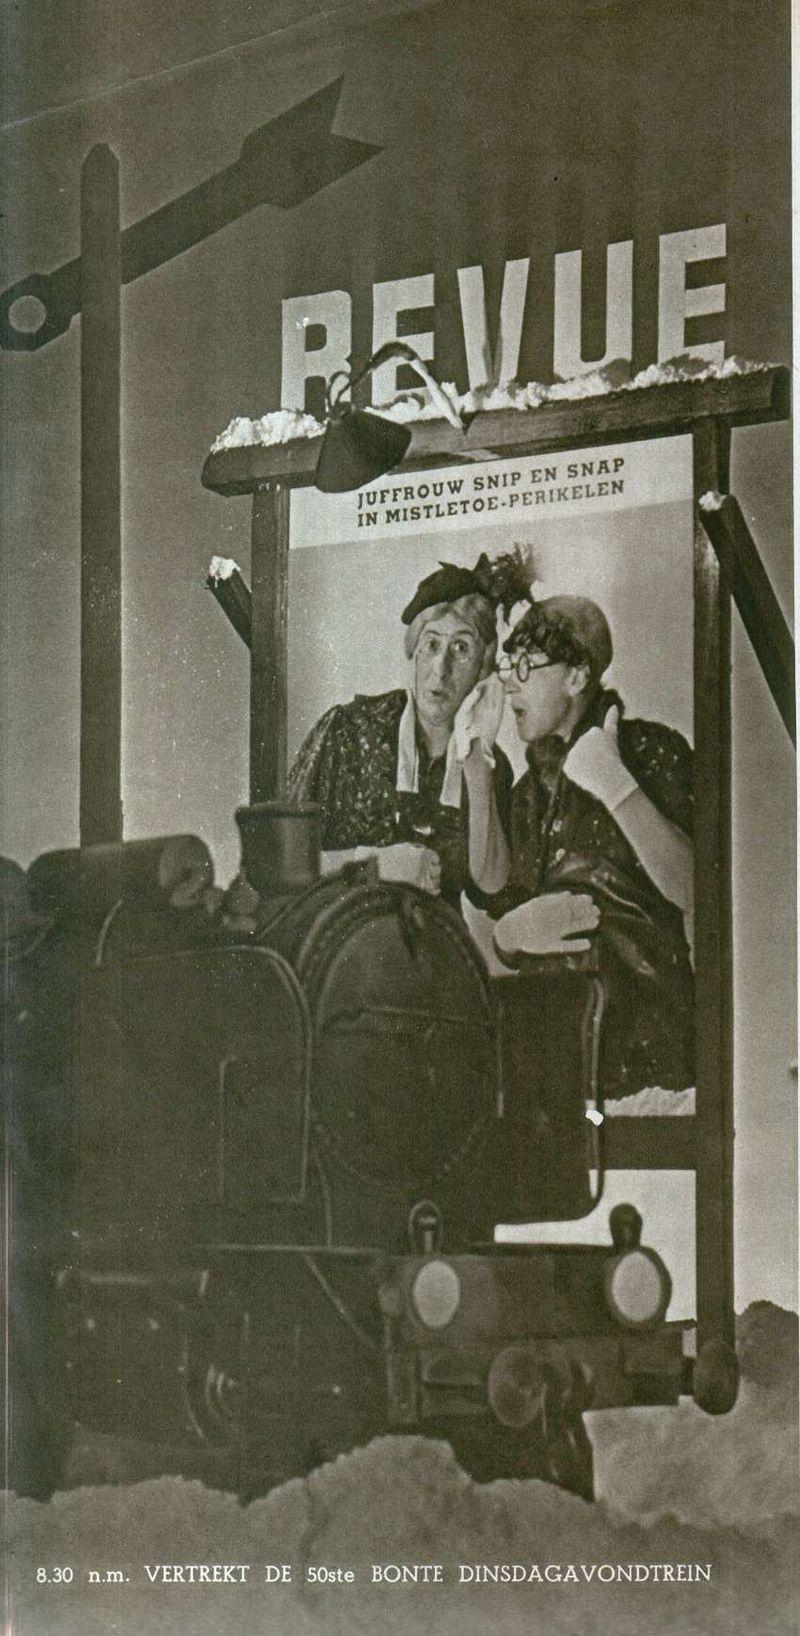 Afbeelding uit een AVRObode uit 1937